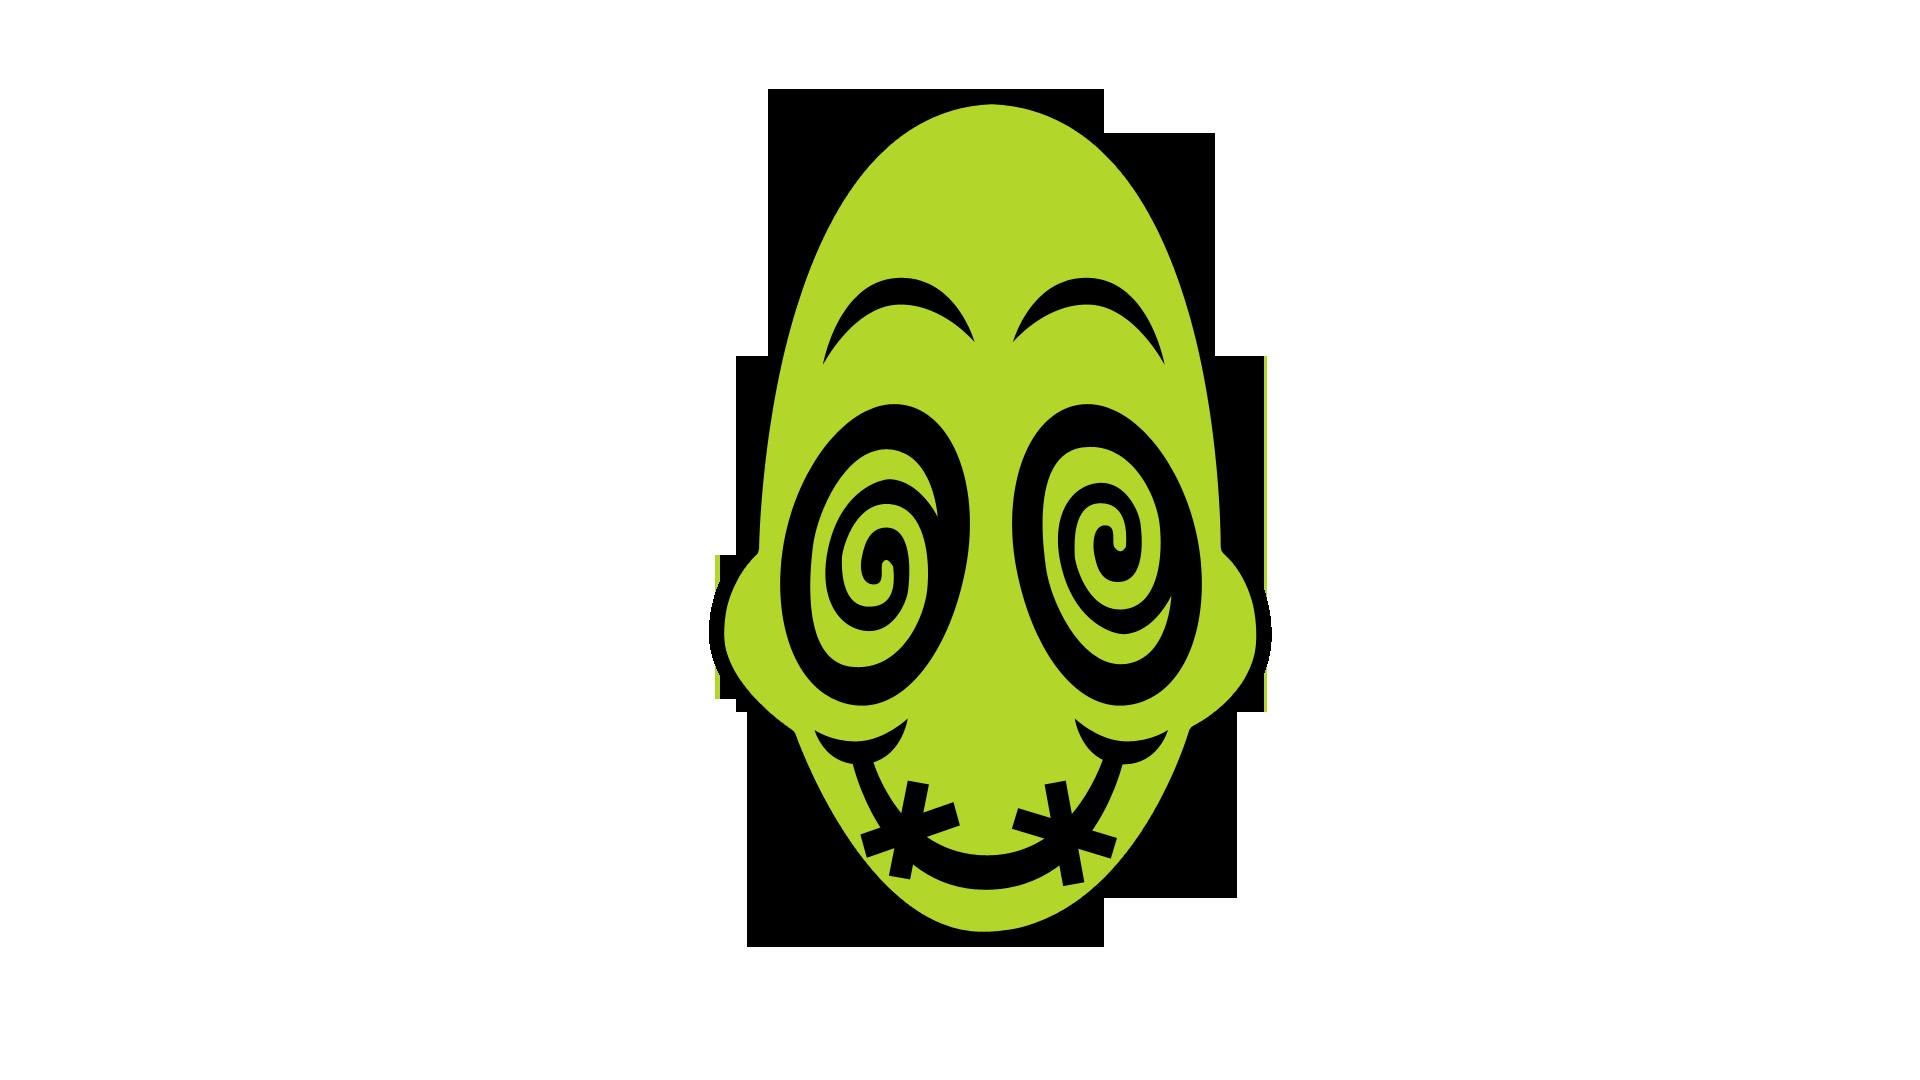 Drugged mudokon emoticon masked